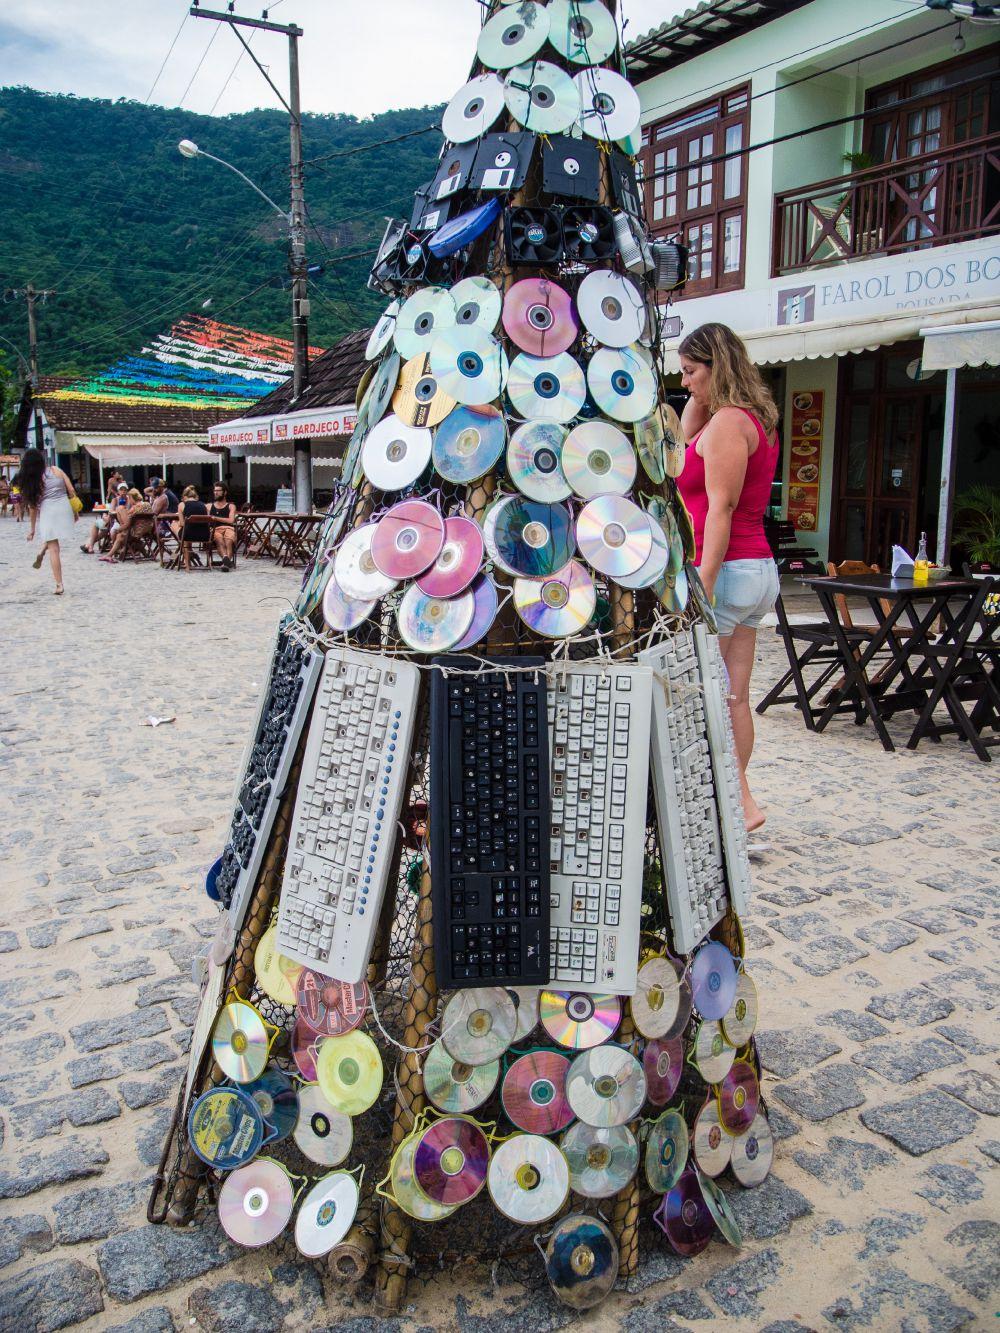 Экологическая рождественская елка из дисков, клавиатур и дискет появилась на одной из набережных в Рио-де-Жанейро (Бразилия)